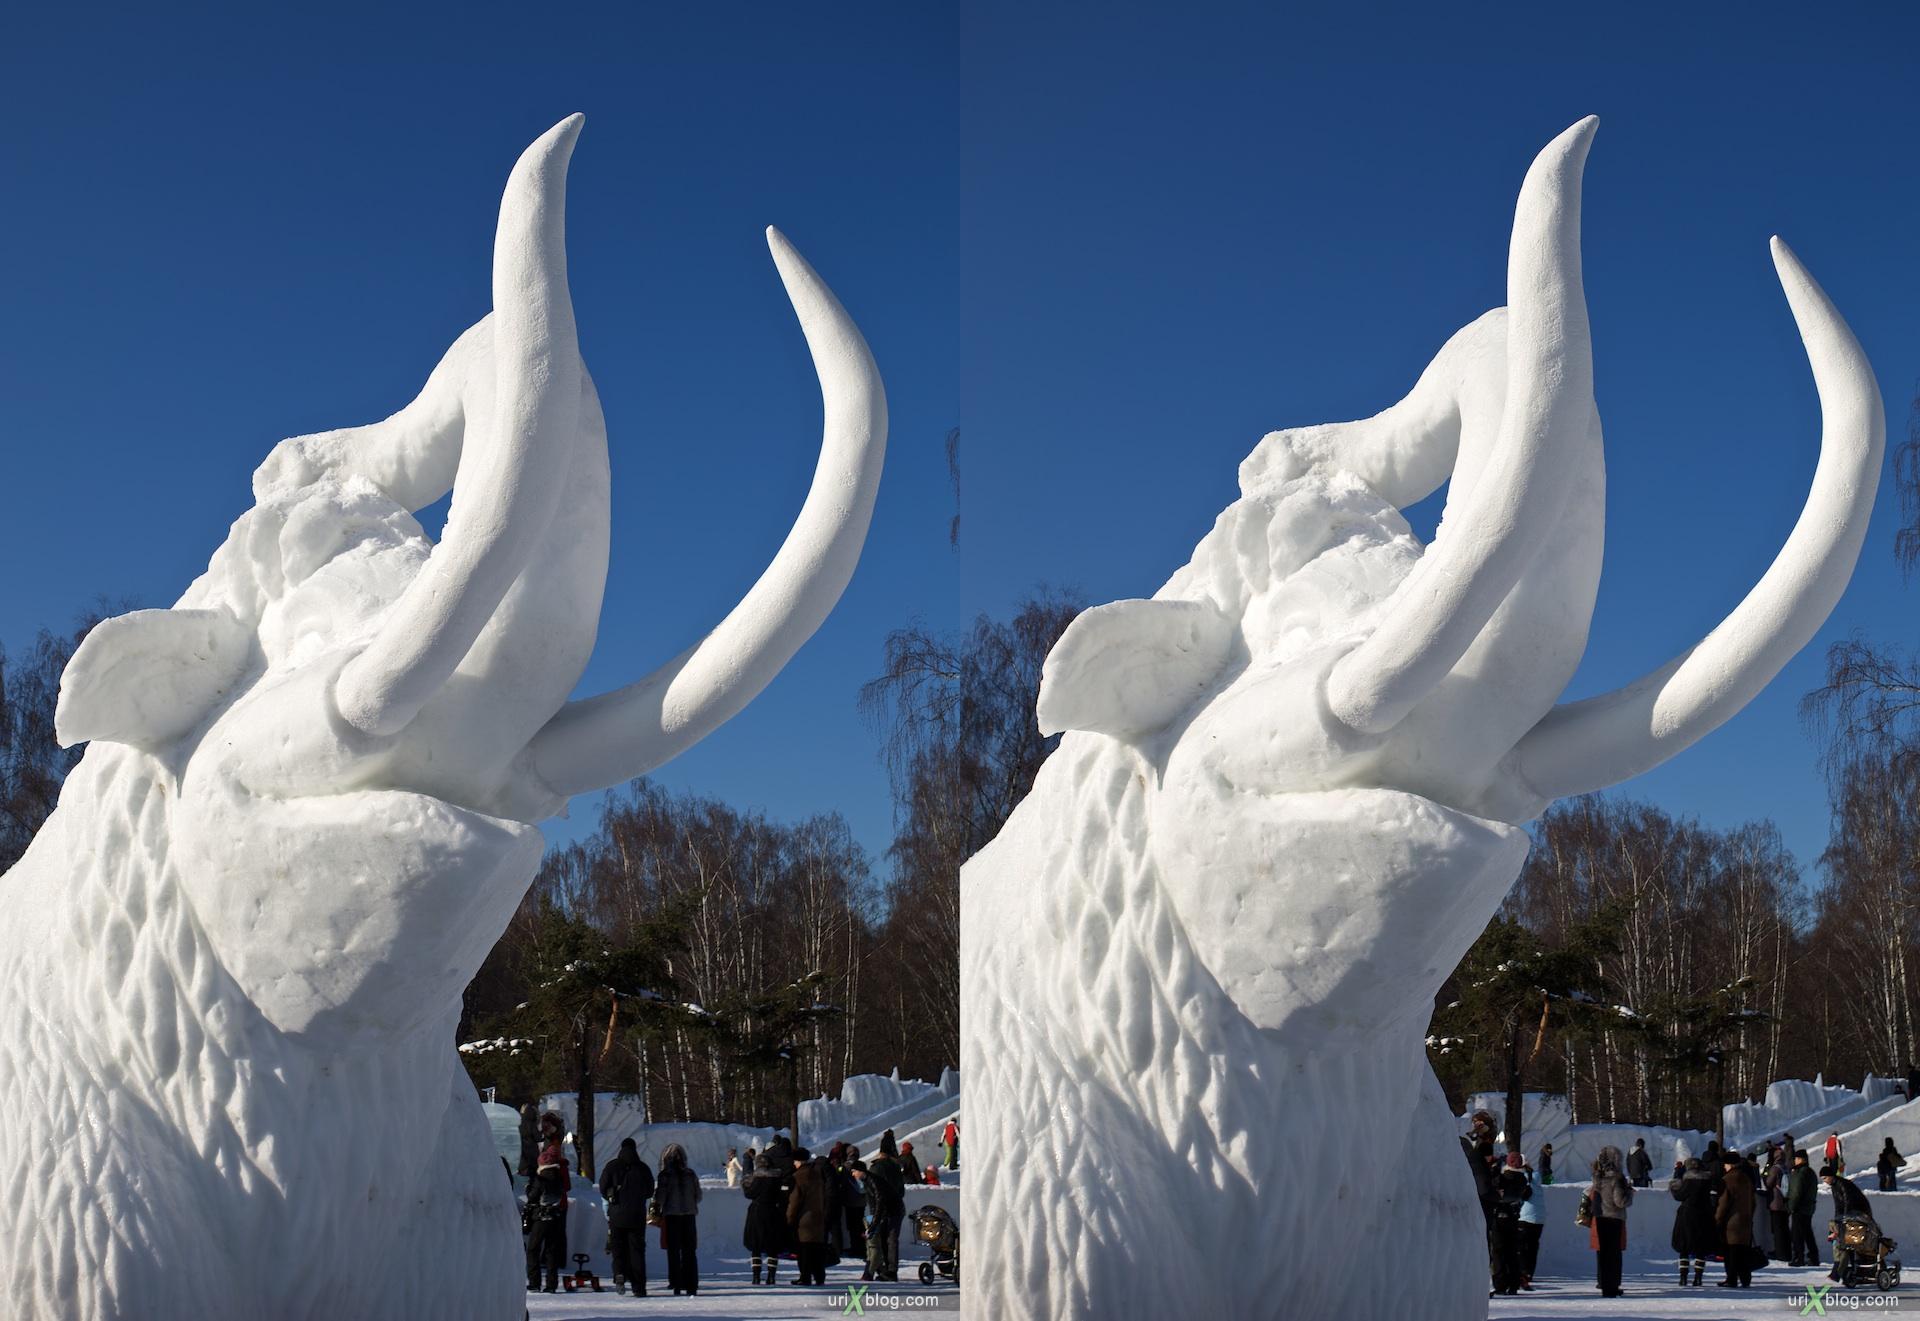 2010 3D, stereo, cross-eyed, стерео, стереопара Moscow, Москва, Снежный городок в Сокольниках